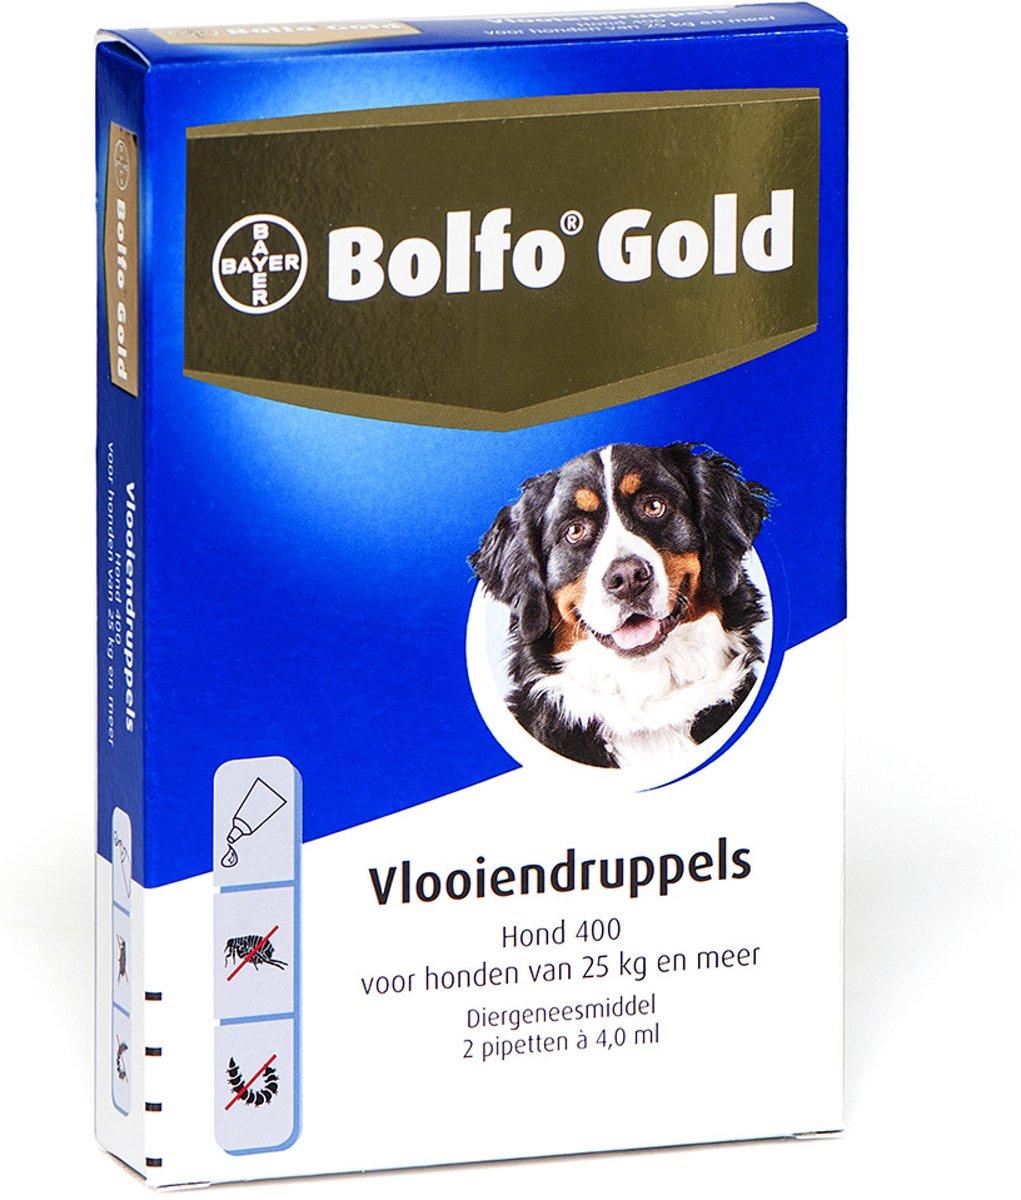 Bolfo Gold 400 Anti vlooienmiddel - Hond - <gt/>25 kg - 2 pipetten